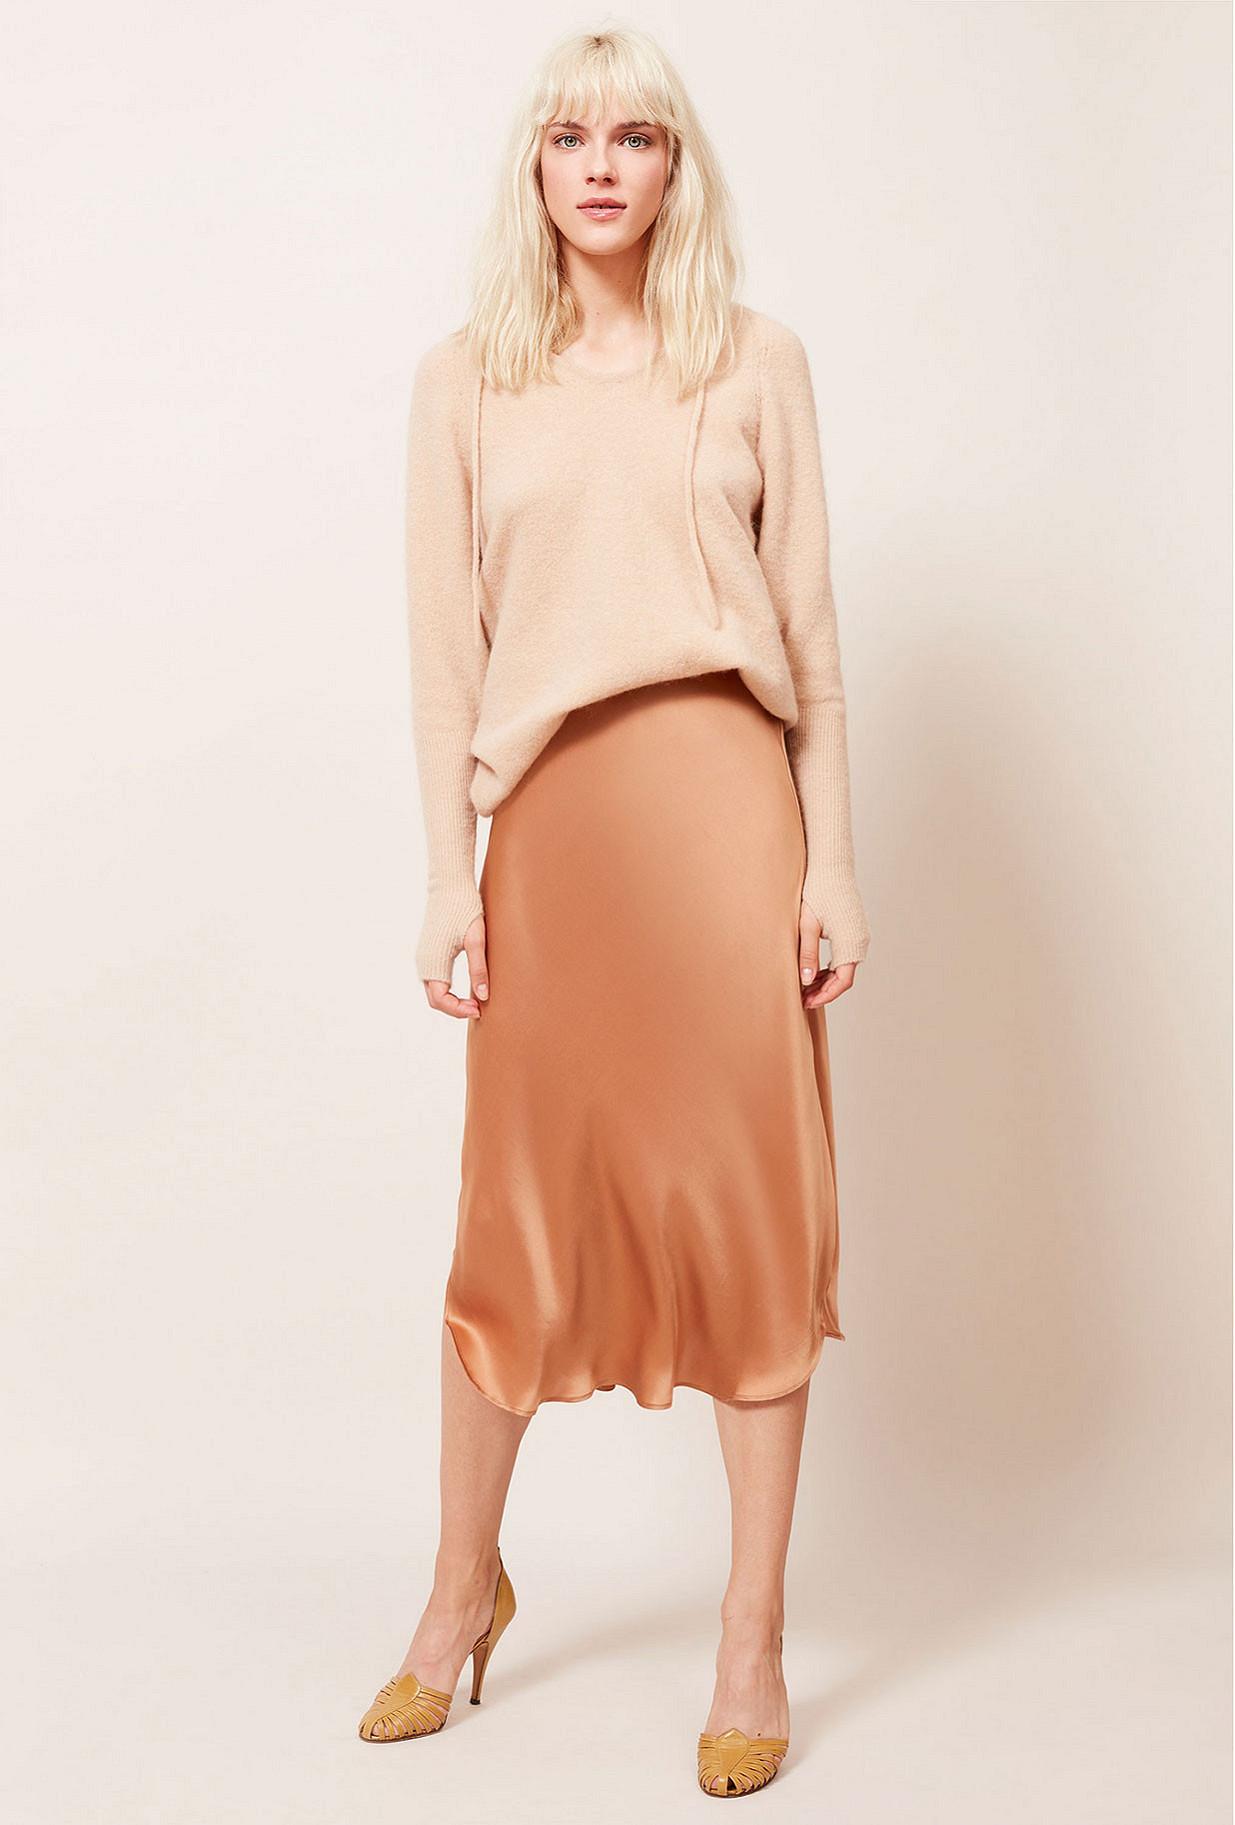 Paris boutique de mode vêtement Jupe créateur bohème  Nami